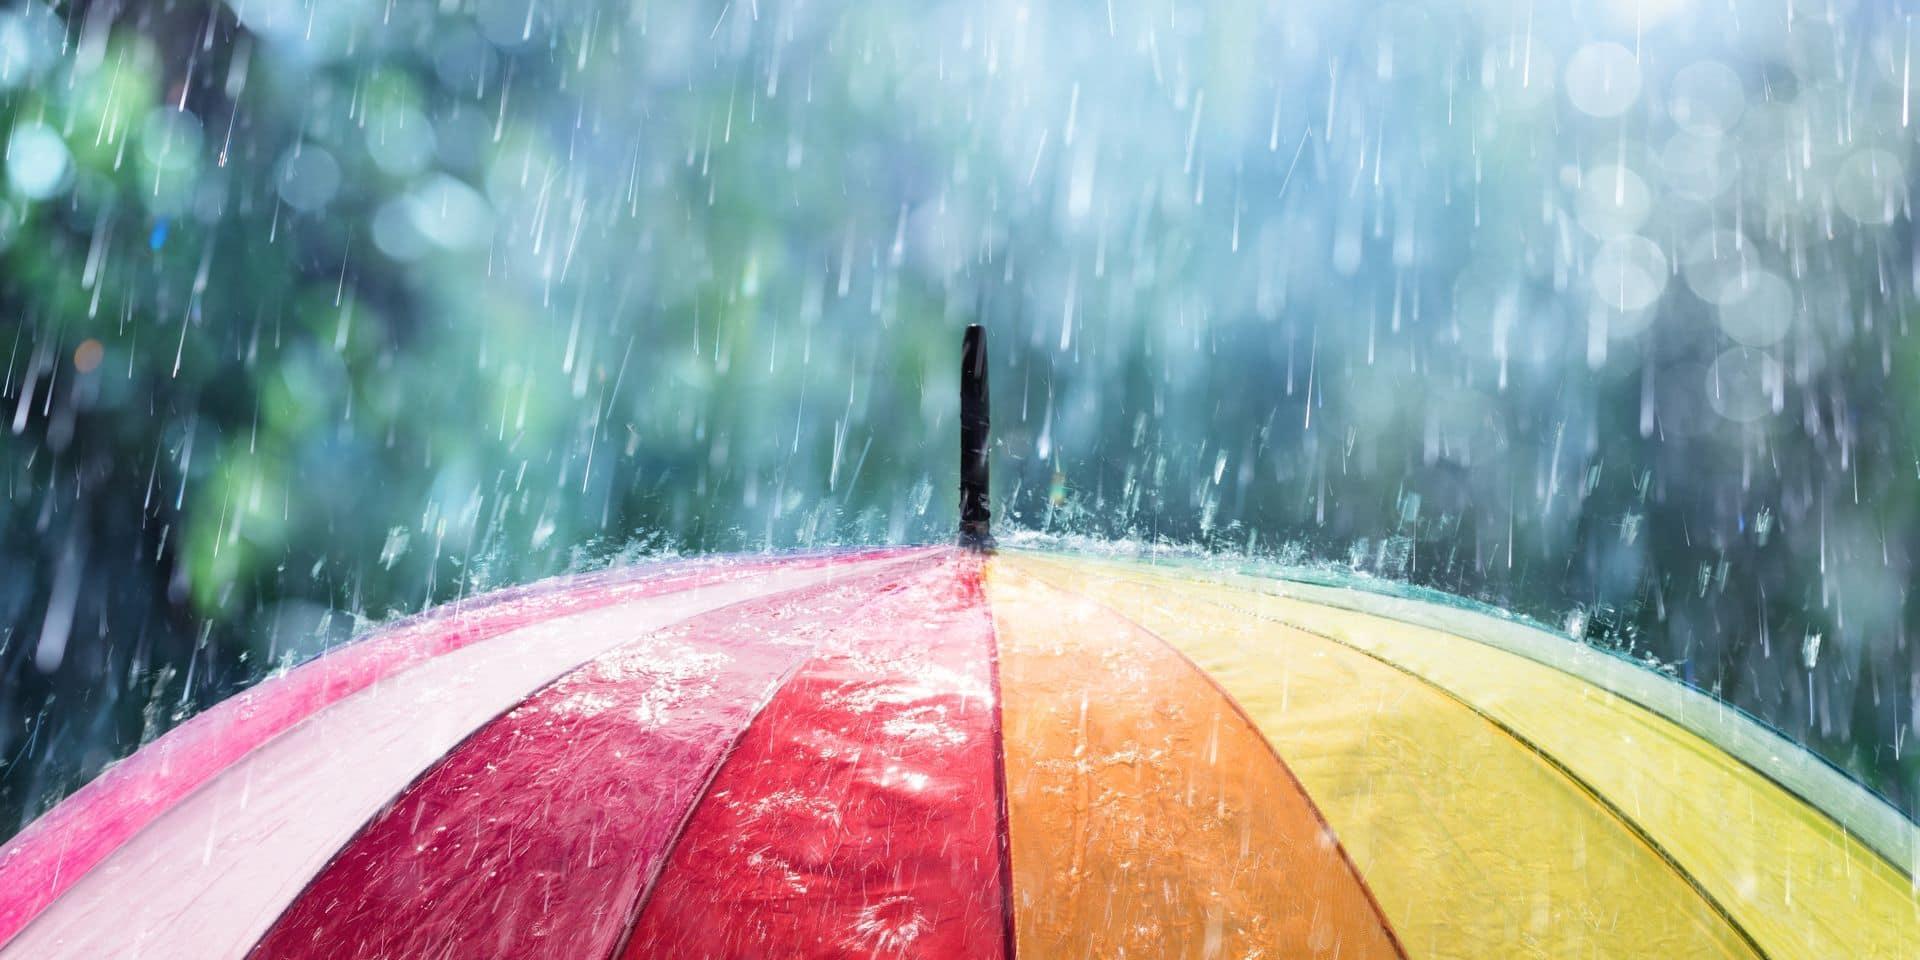 Météo: des précipitations hivernales et de la pluie pour clôturer l'année 2020